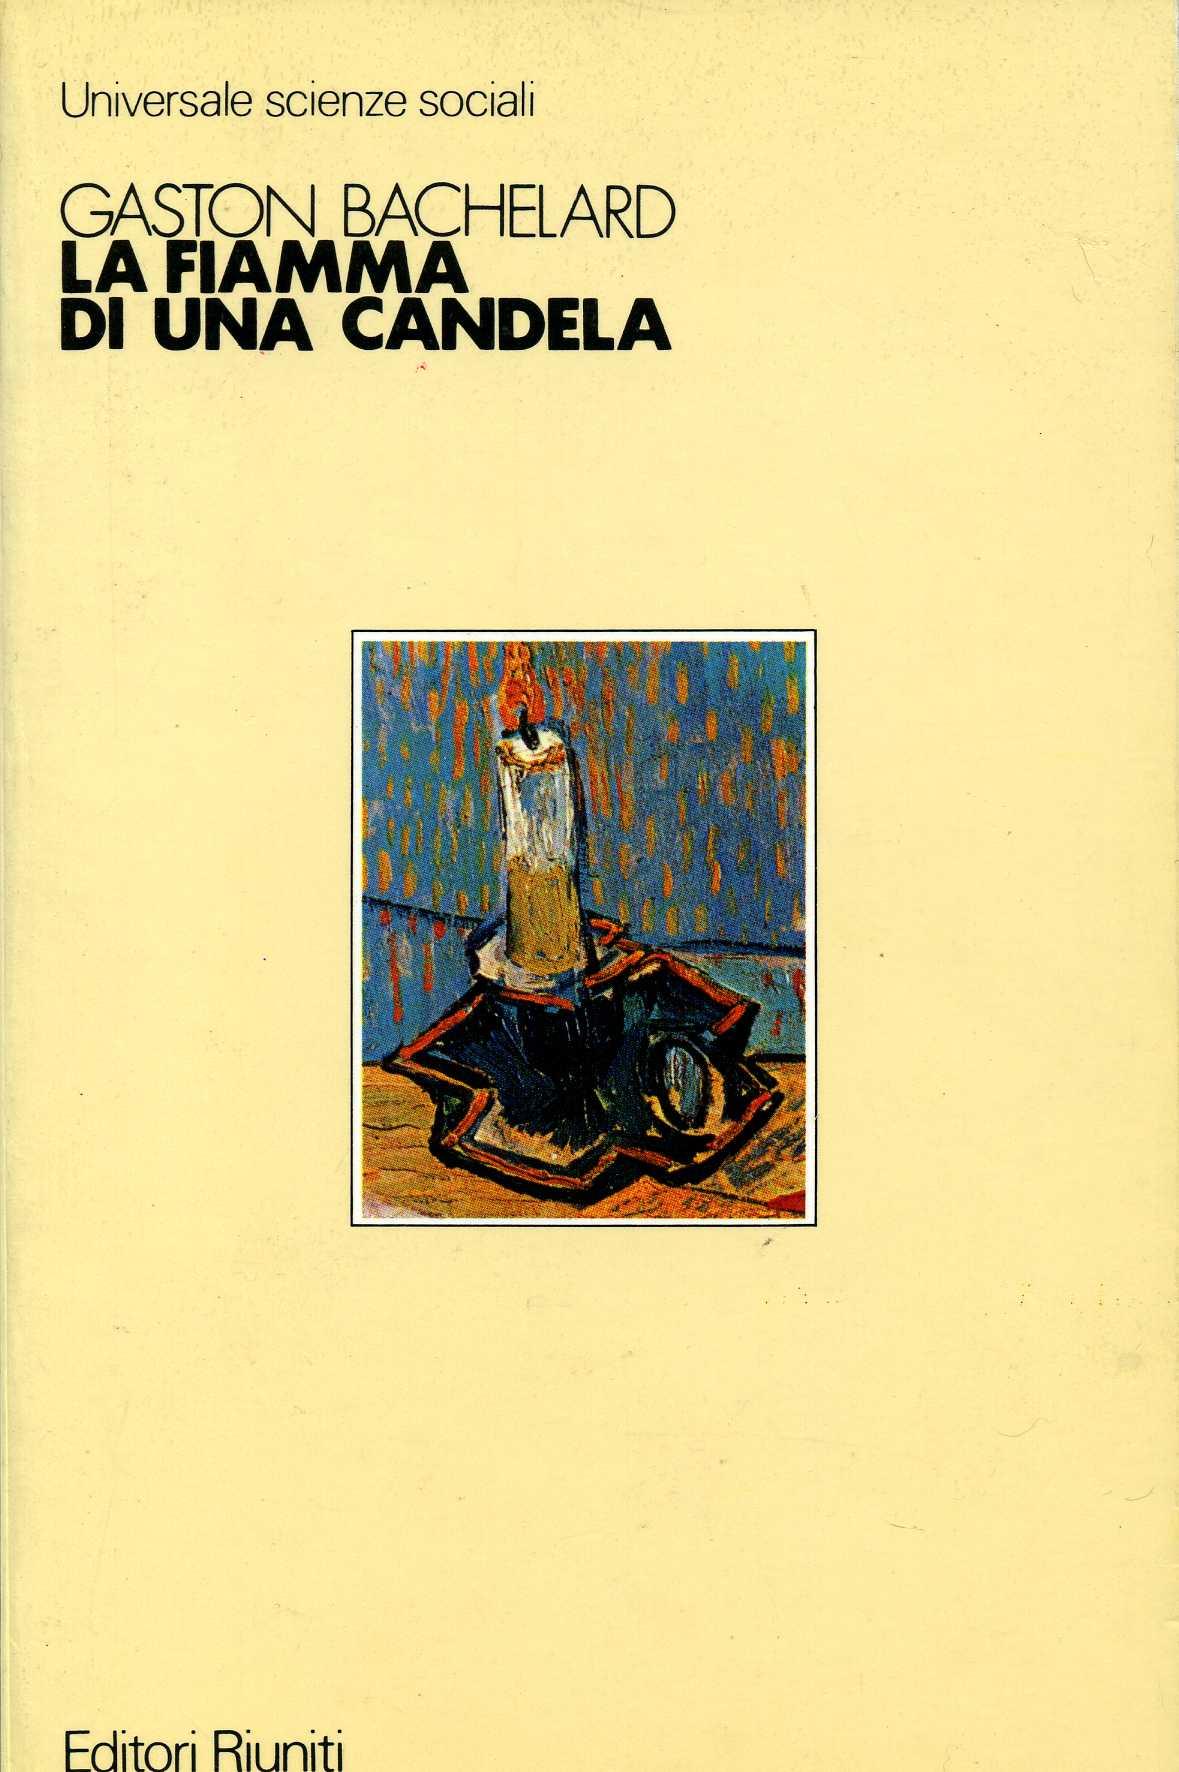 Gaston bachelard la fiamma di una candela editori riuniti 1981 antologia del tempo che resta - La fiamma gemelli diversi ...